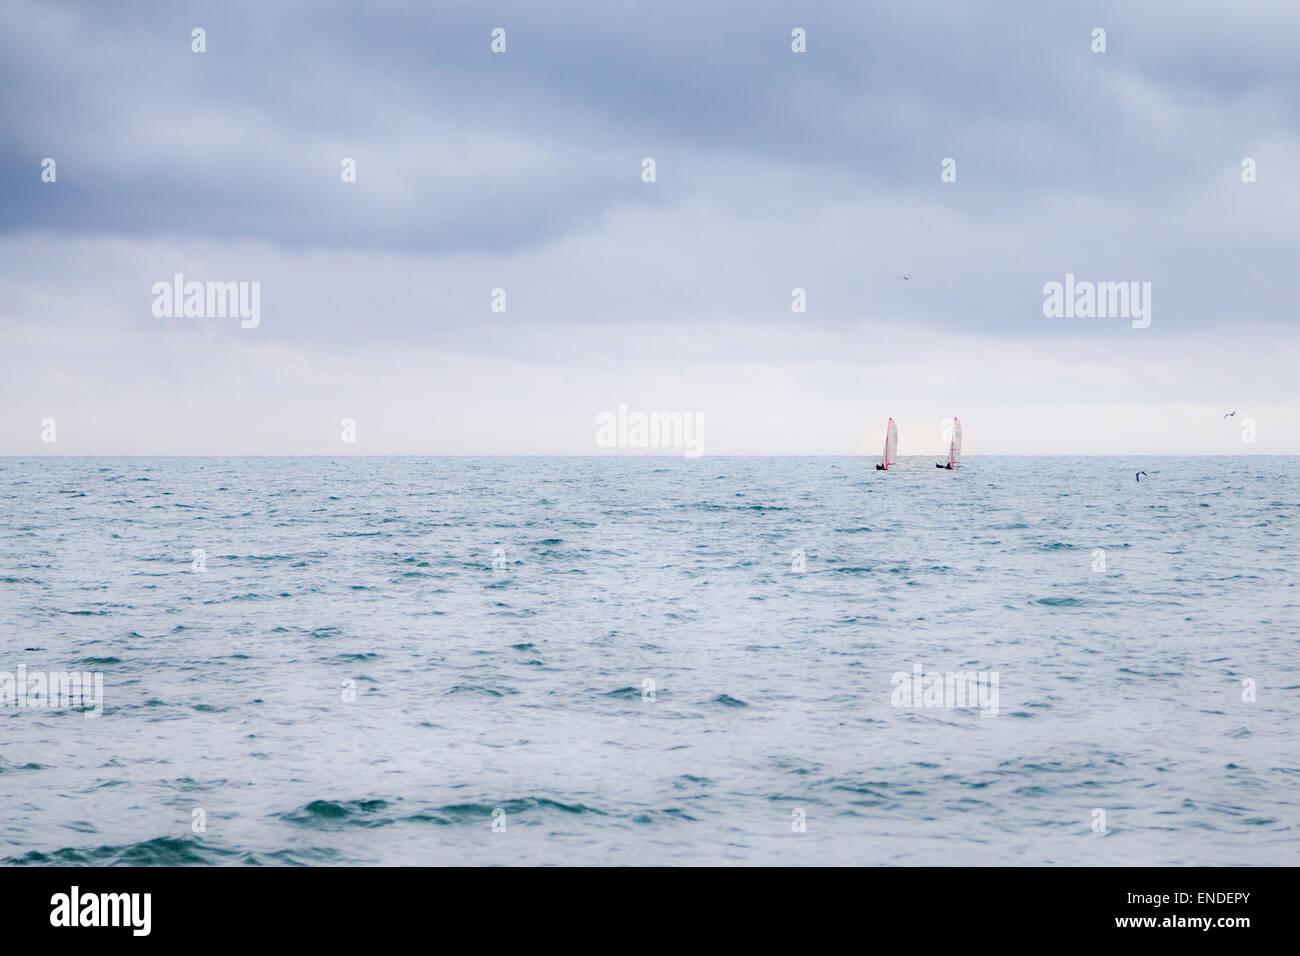 Deux sauts de voile sur l'horizon, regardez tout petit sur l'océan sous un grand ciel noir. Photo Stock